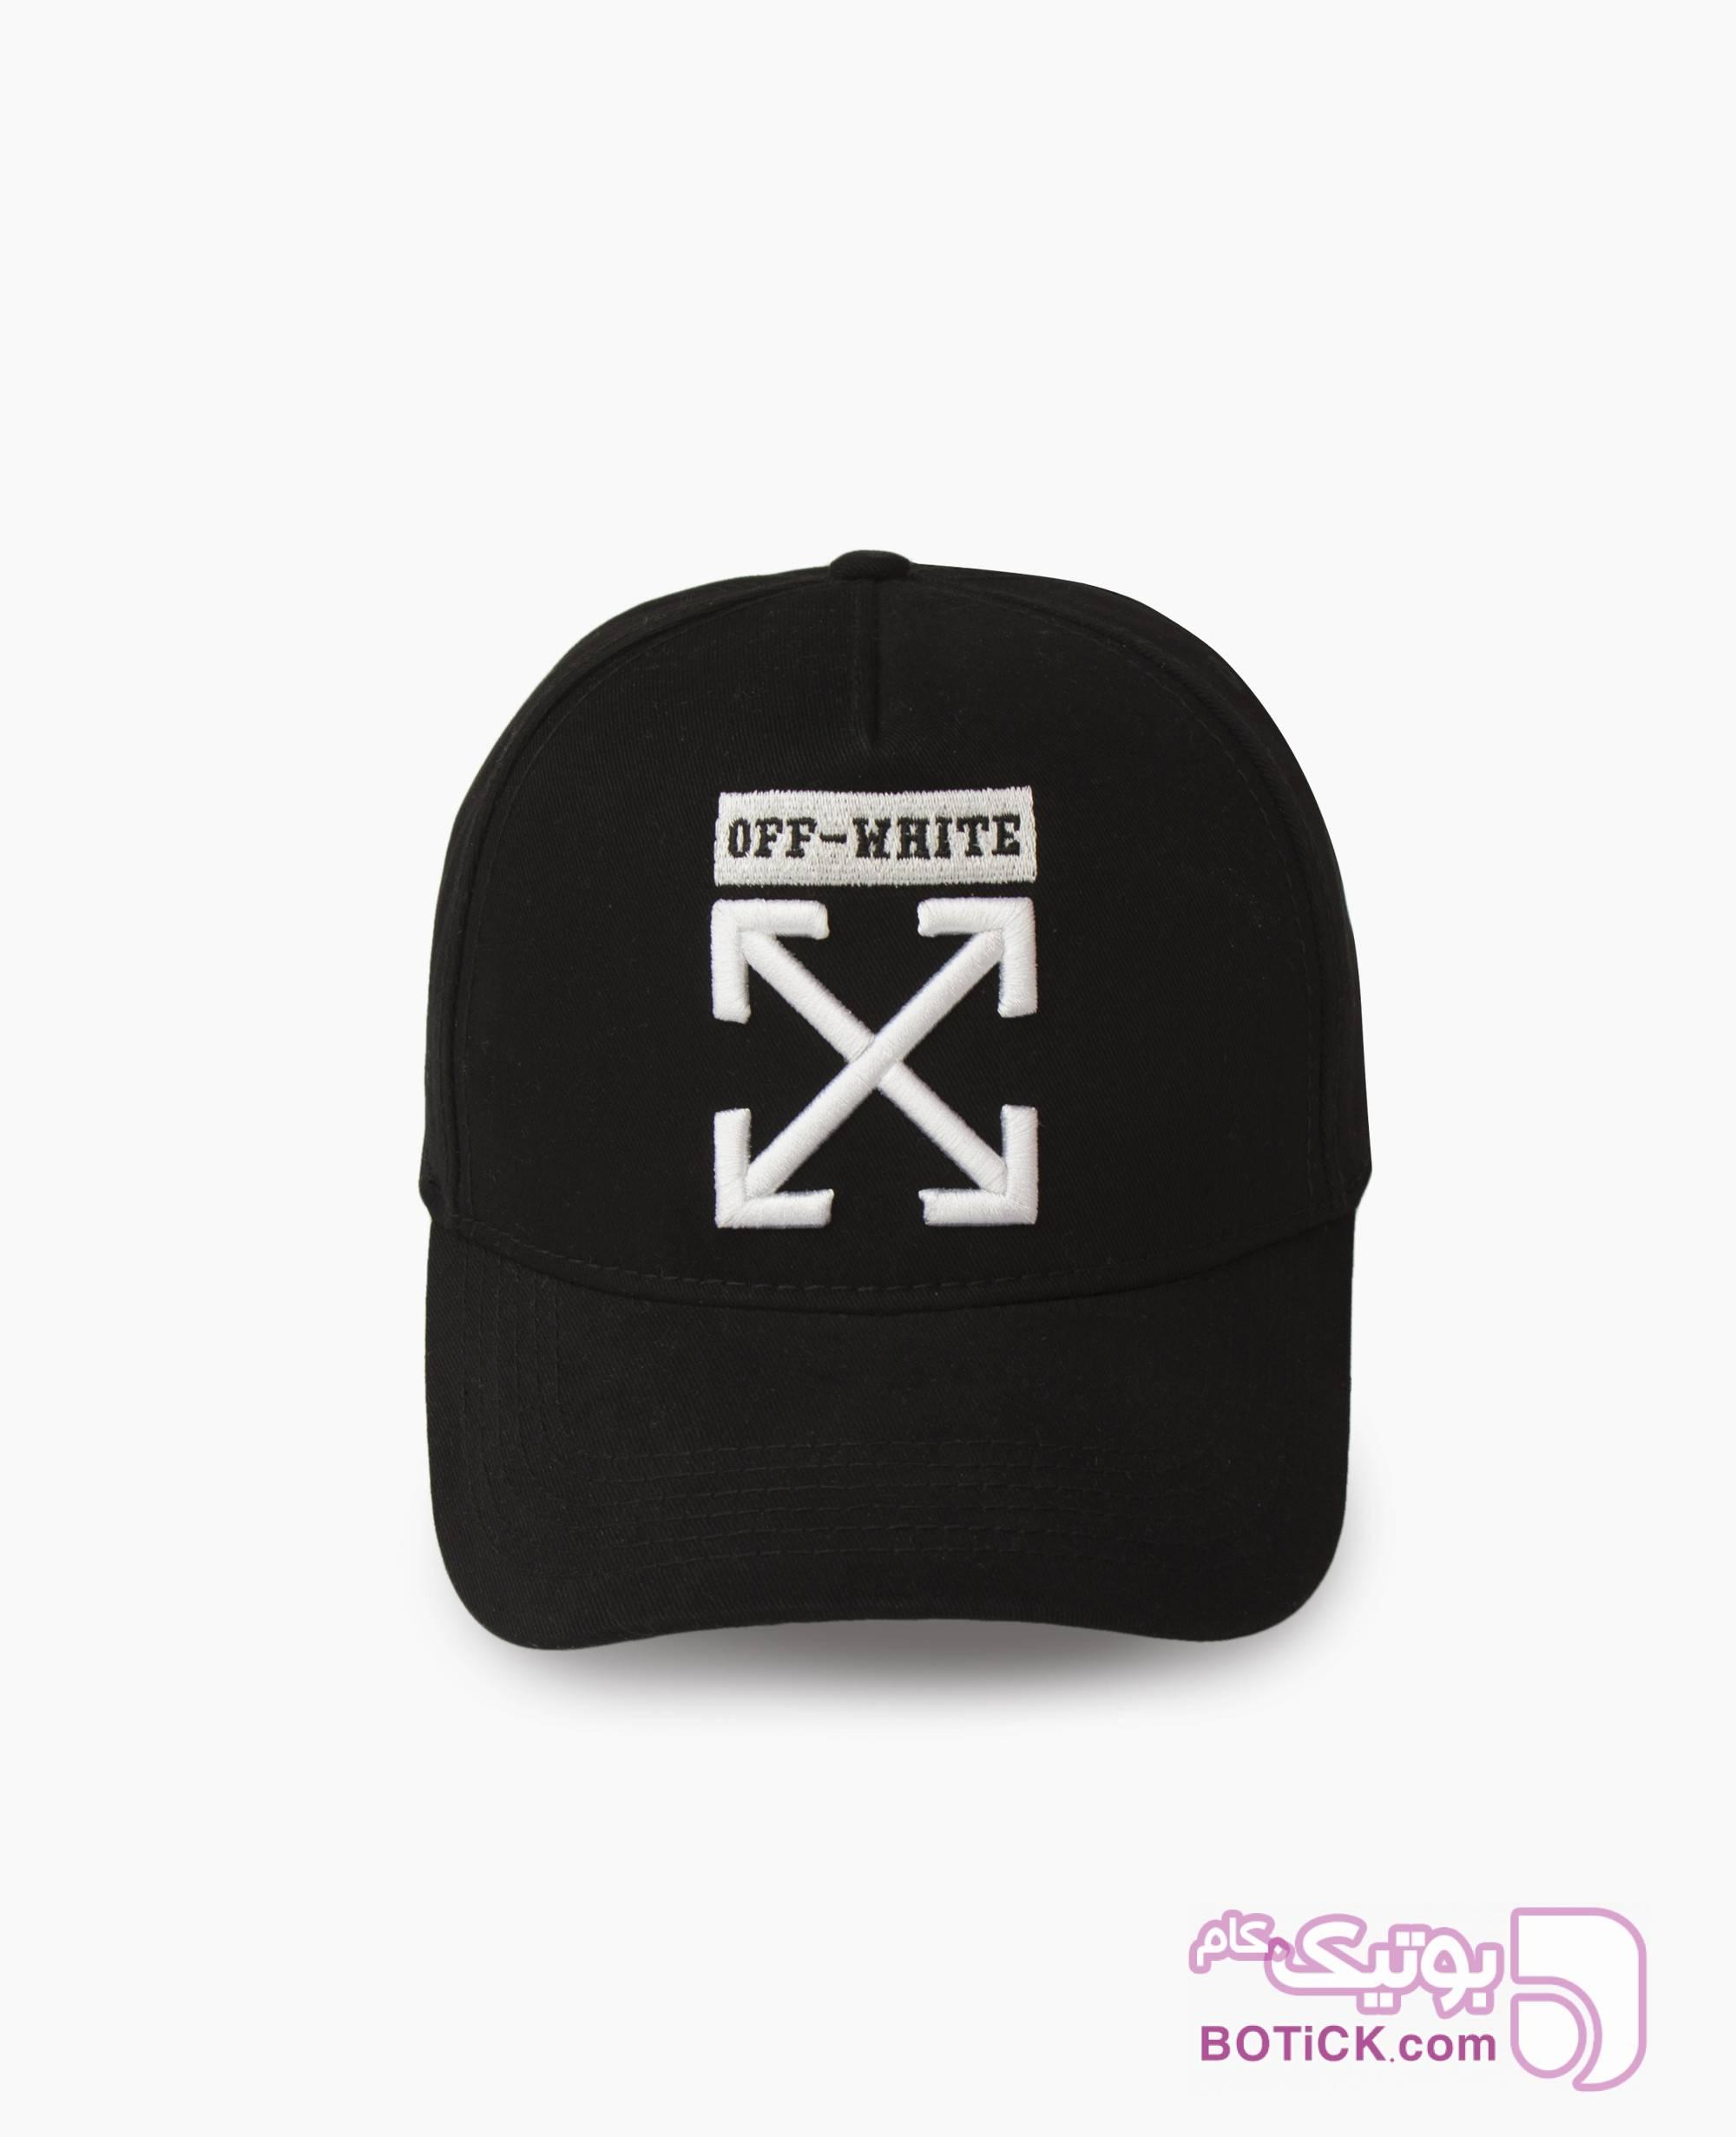 کلاه لبه گرد Off-White کد 9858 مشکی کلاه و اسکارف